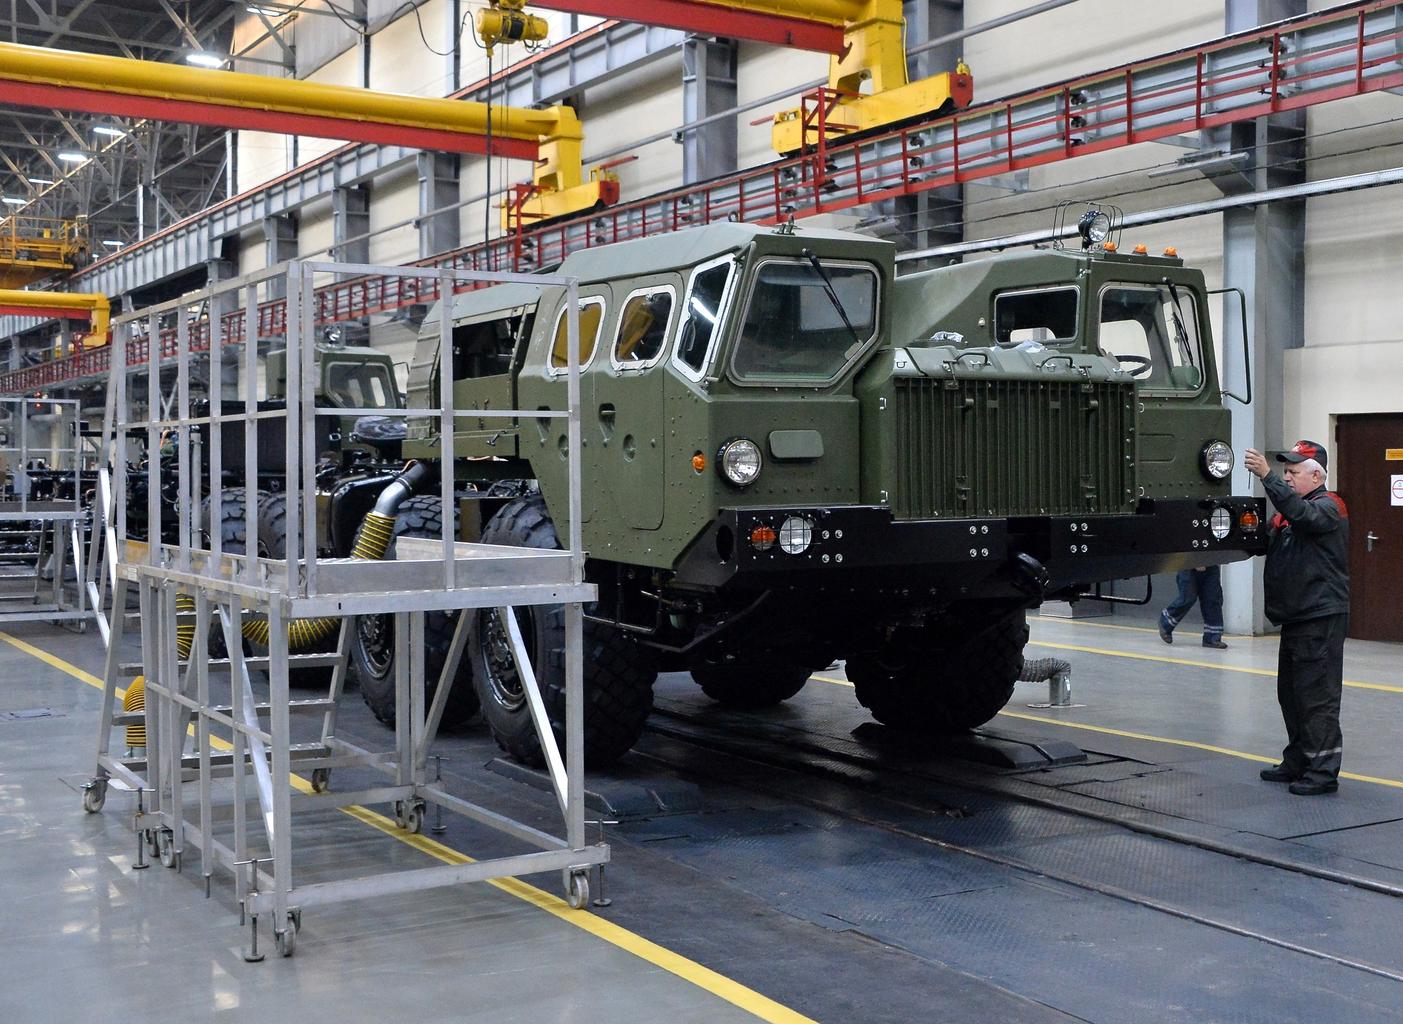 Orosz megrendelésre készülő 80 tonna teherbírású MZKT-792210 gyártása Minszkben #moszkvater